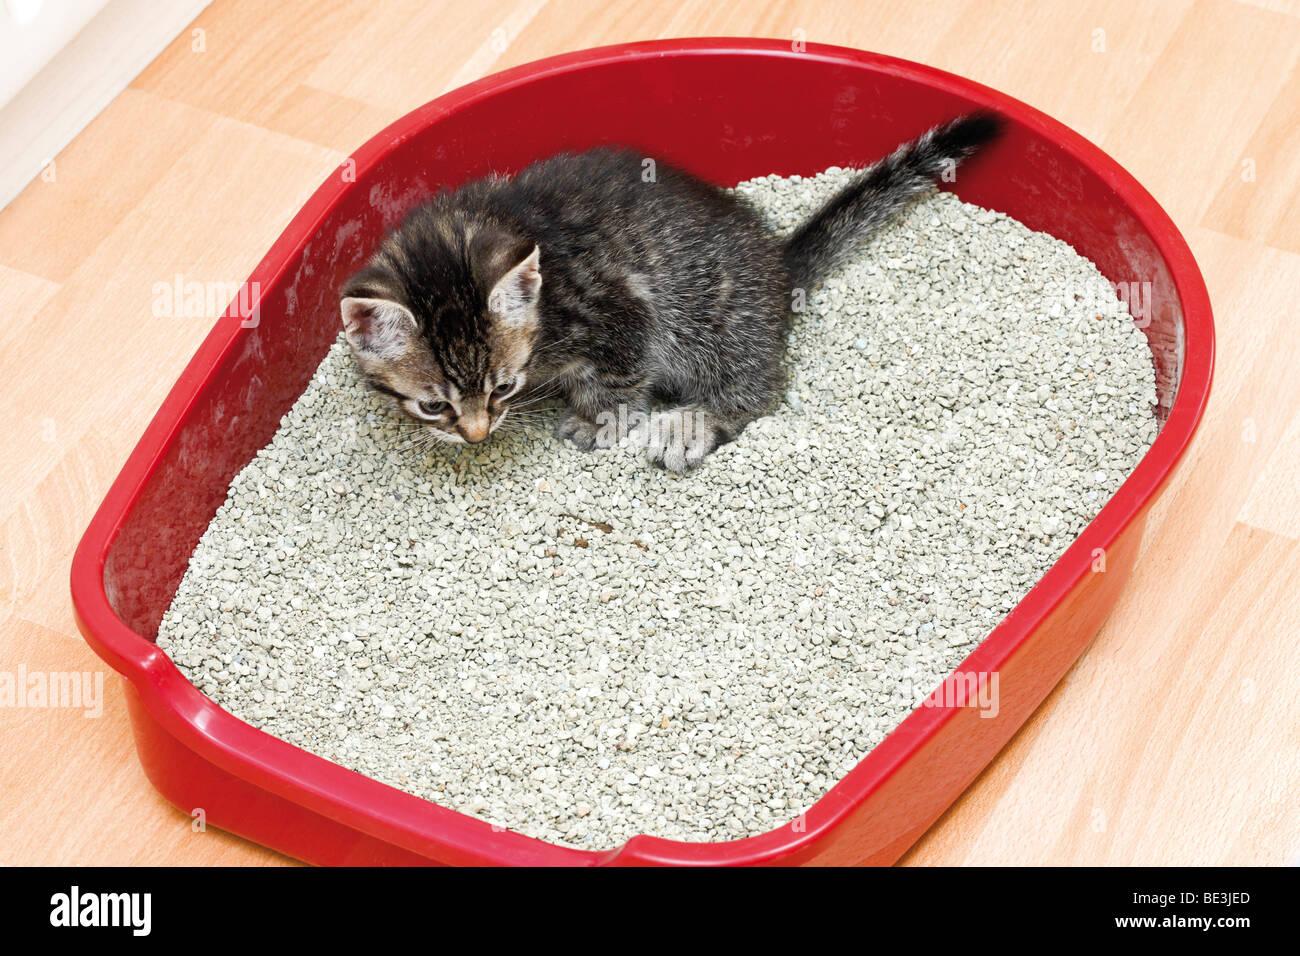 Litter Box For Cat Stockfotos & Litter Box For Cat Bilder - Alamy